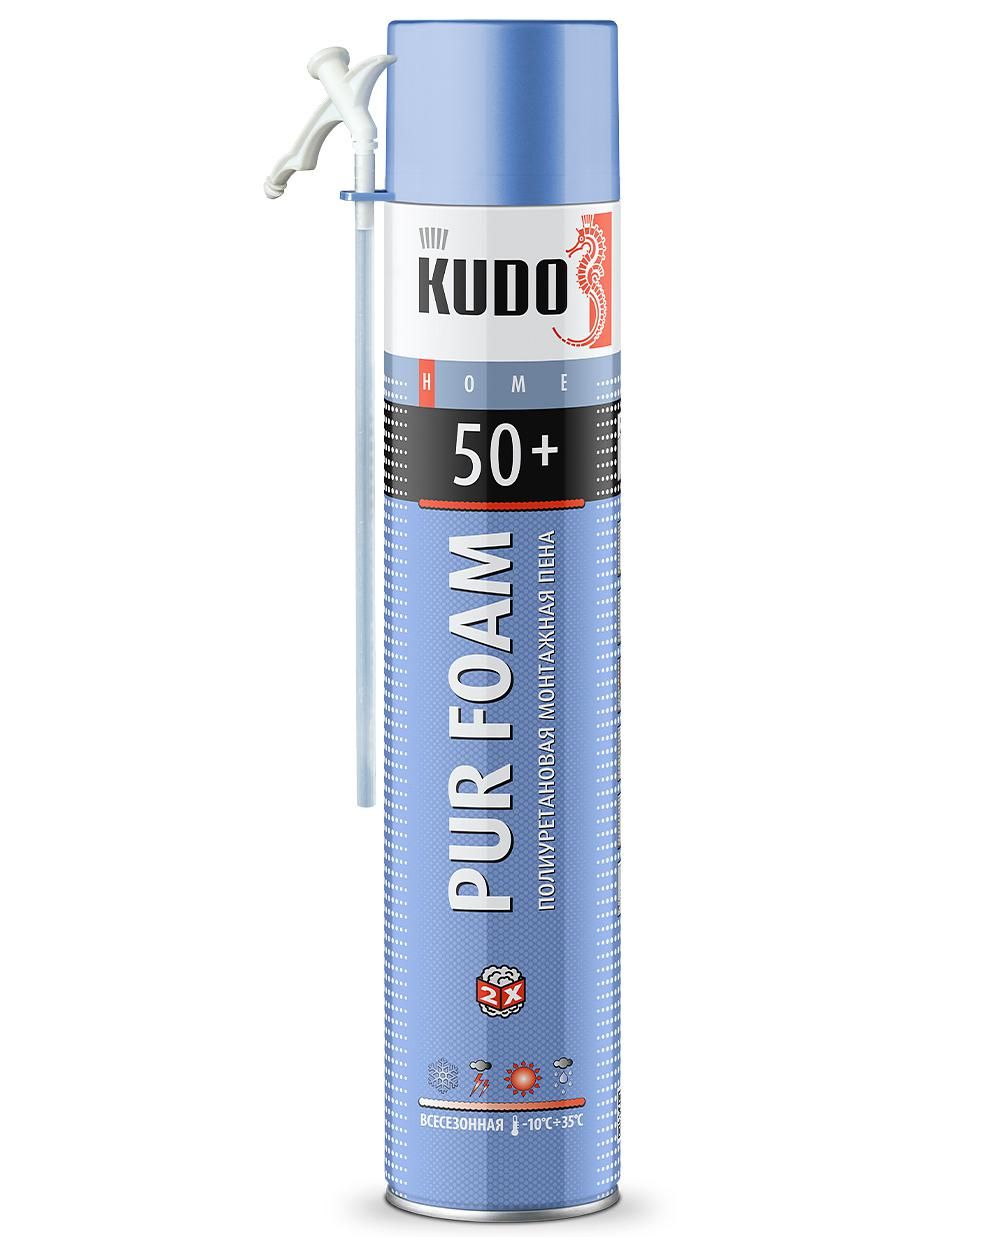 Пена монтажная бытовая всесезонная KUDO HOME 50+ KUPH10U50